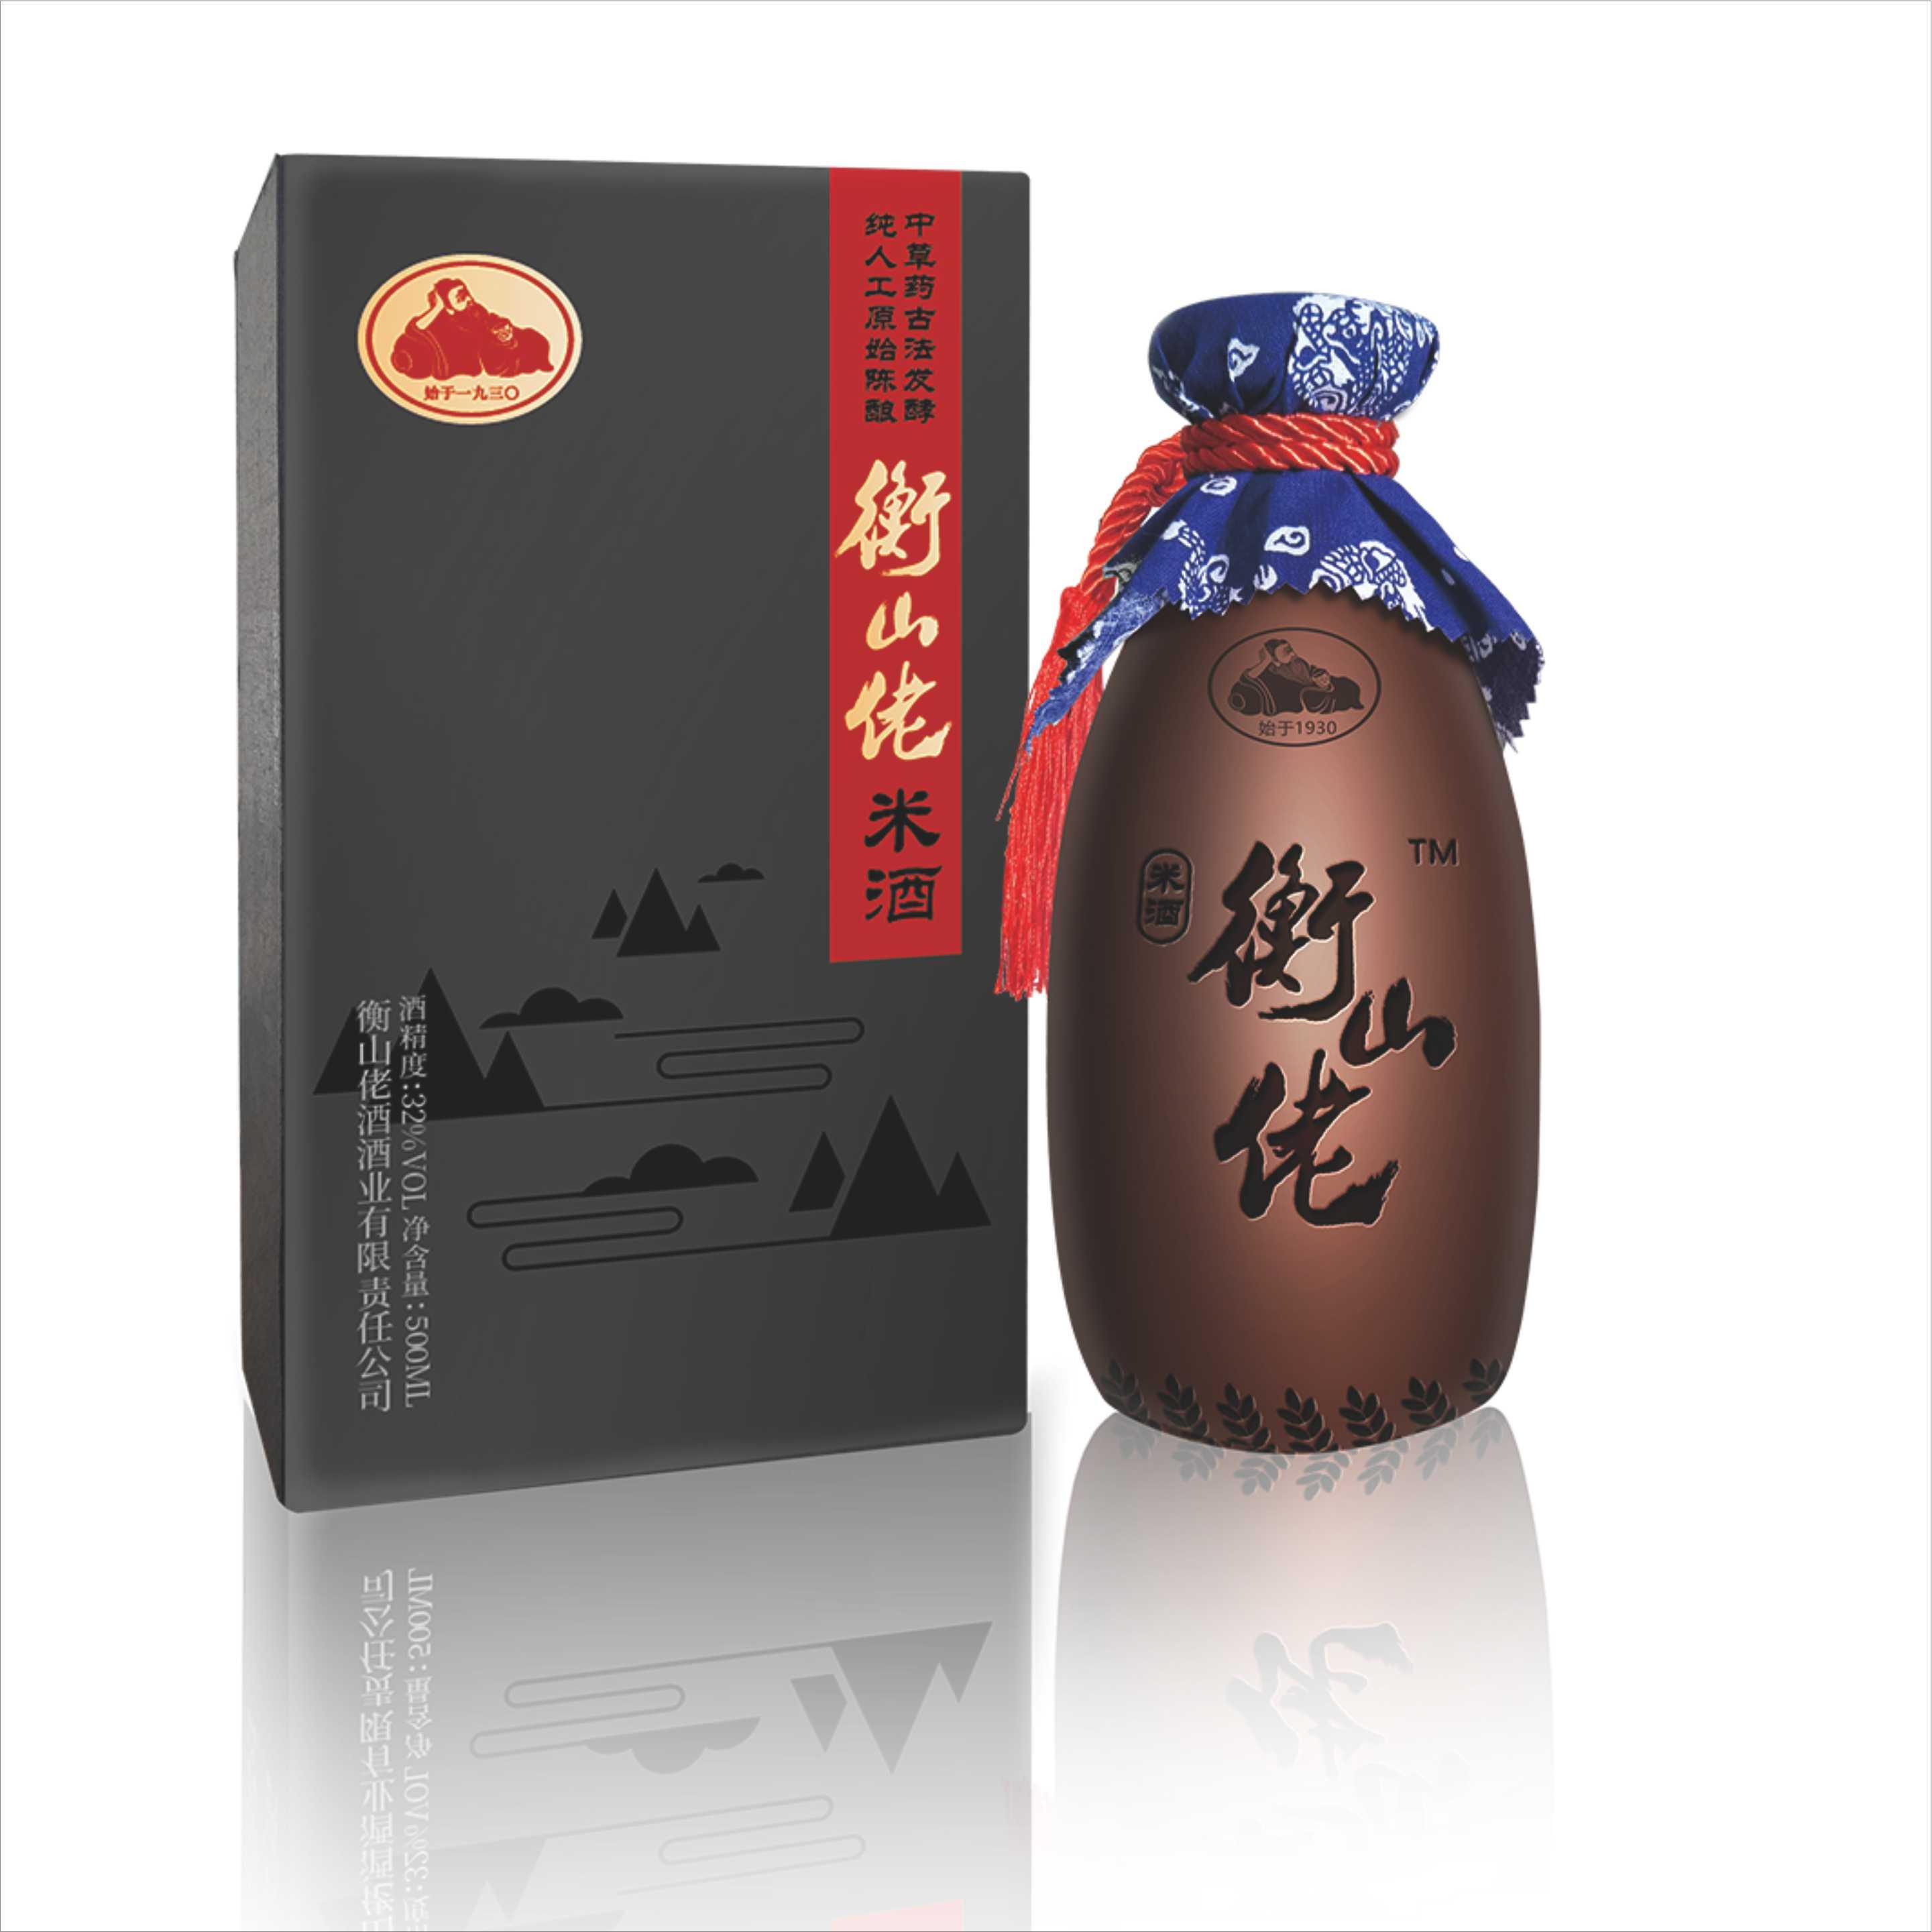 32° 衡山佬礼盒装 米香型白酒 500ml*1 单瓶装